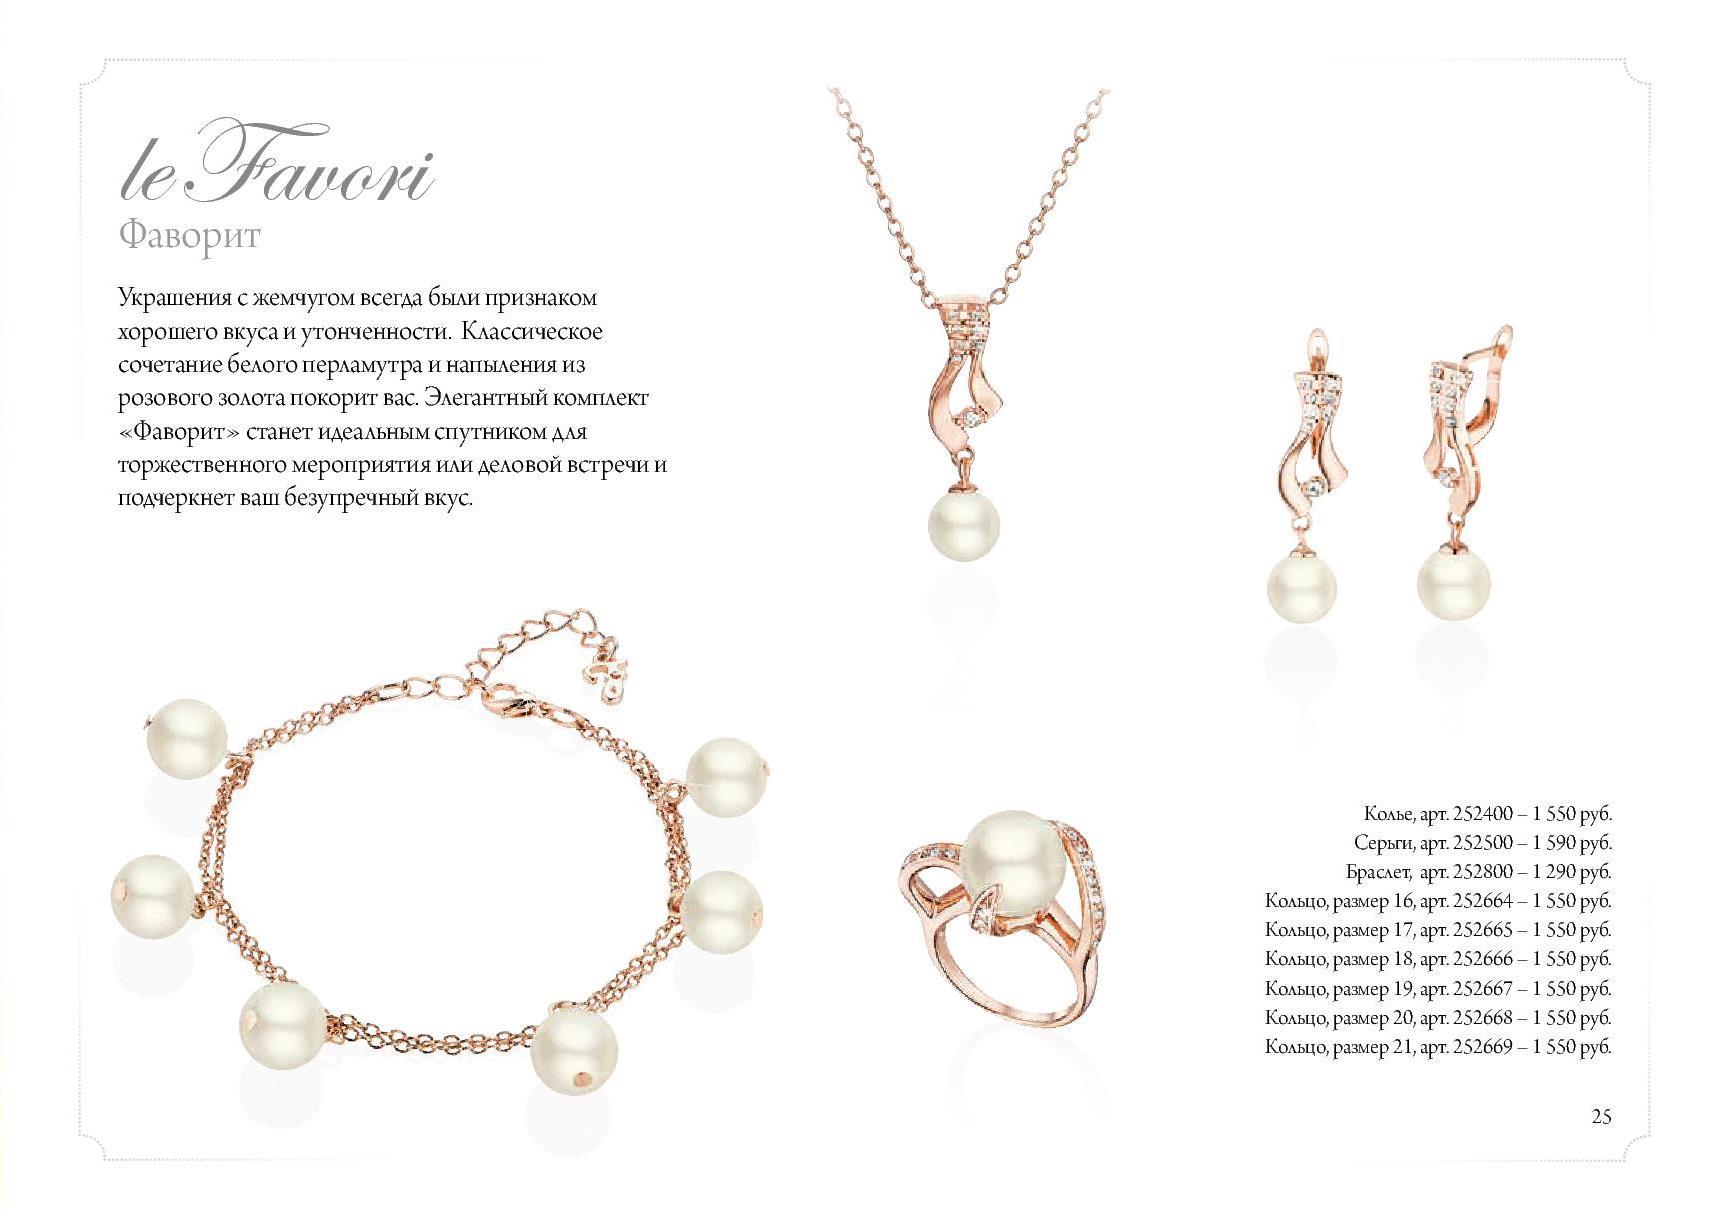 Флоранж Колье, серьги, браслет, кольцо Le Favori Фаворит